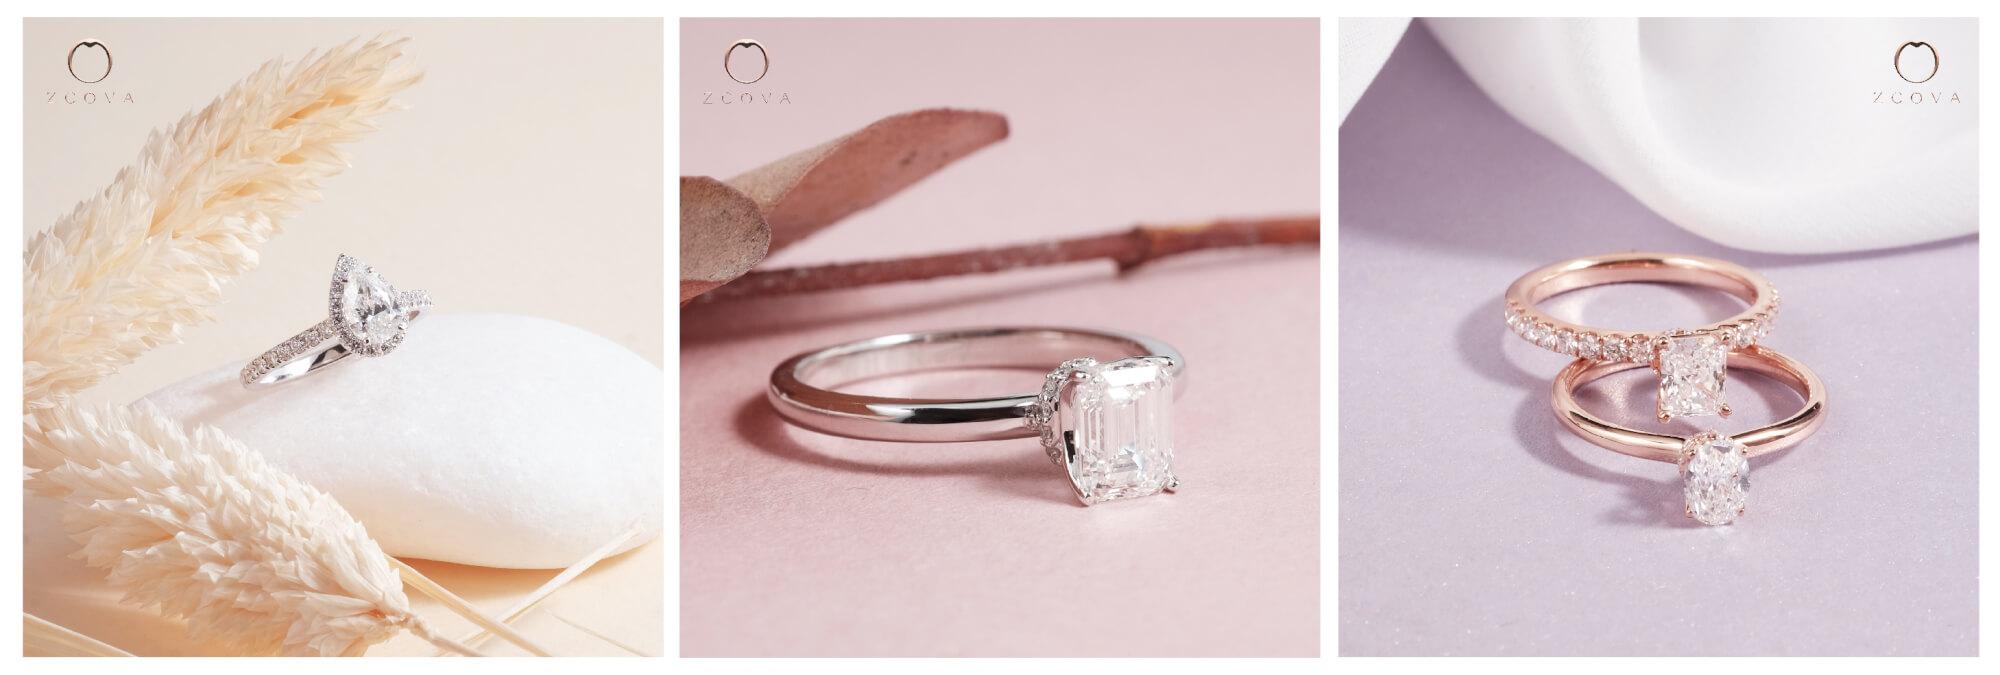 Fancy shaped diamond rings